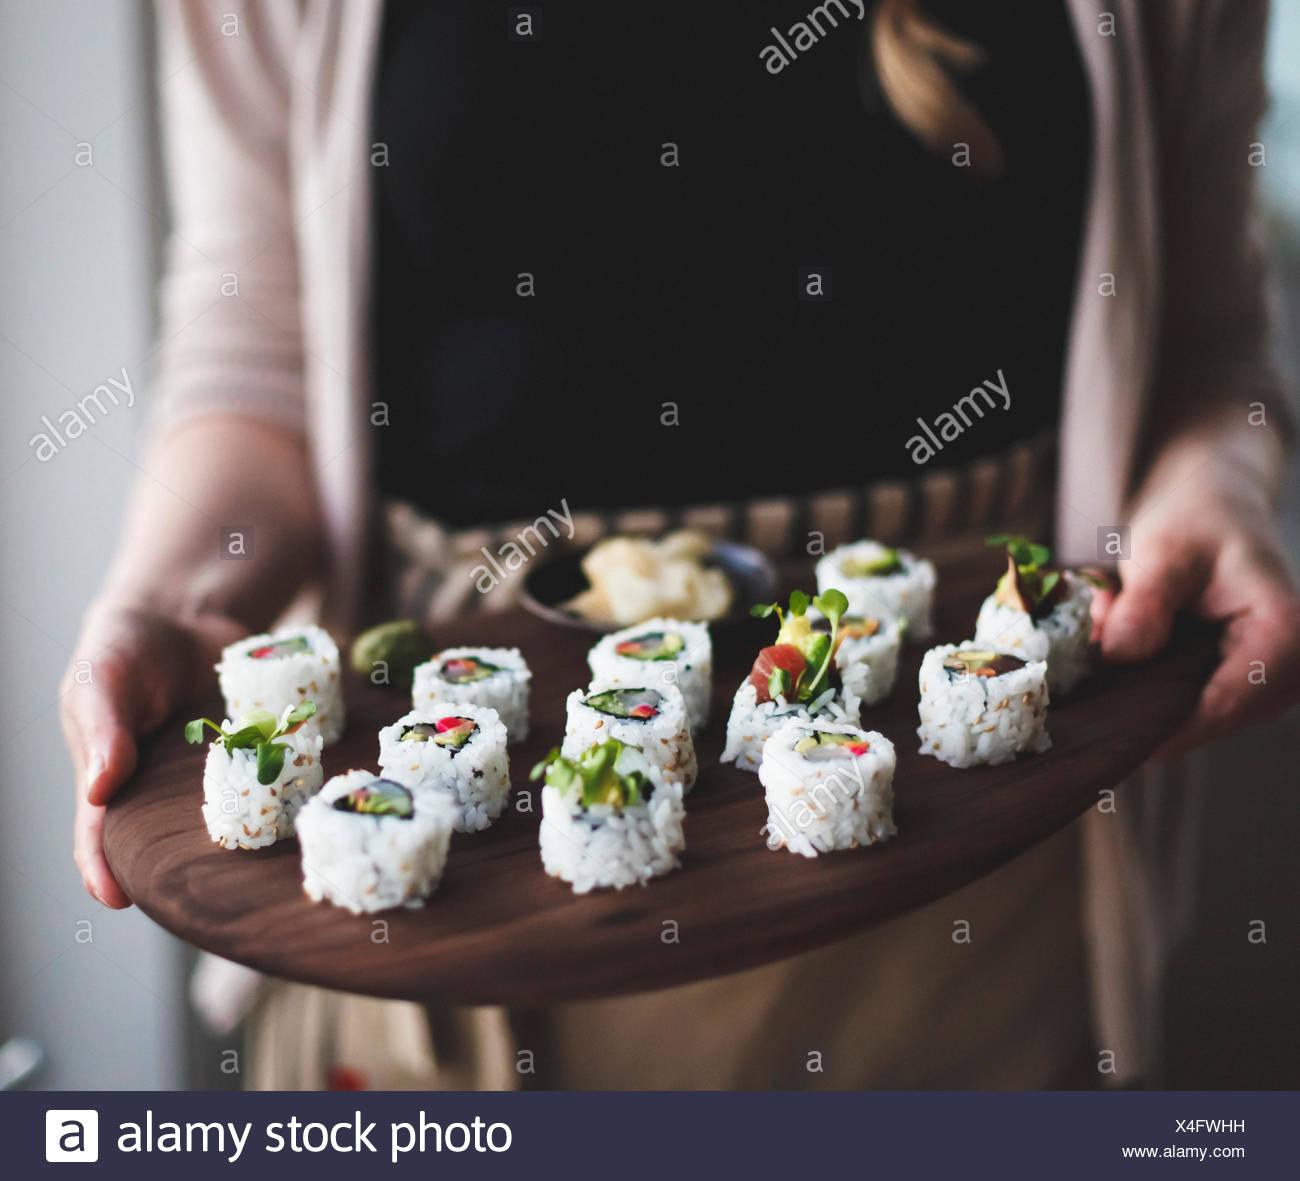 Sushi mit eingelegtem Gemüse. Statt von einer Frau. Stockbild